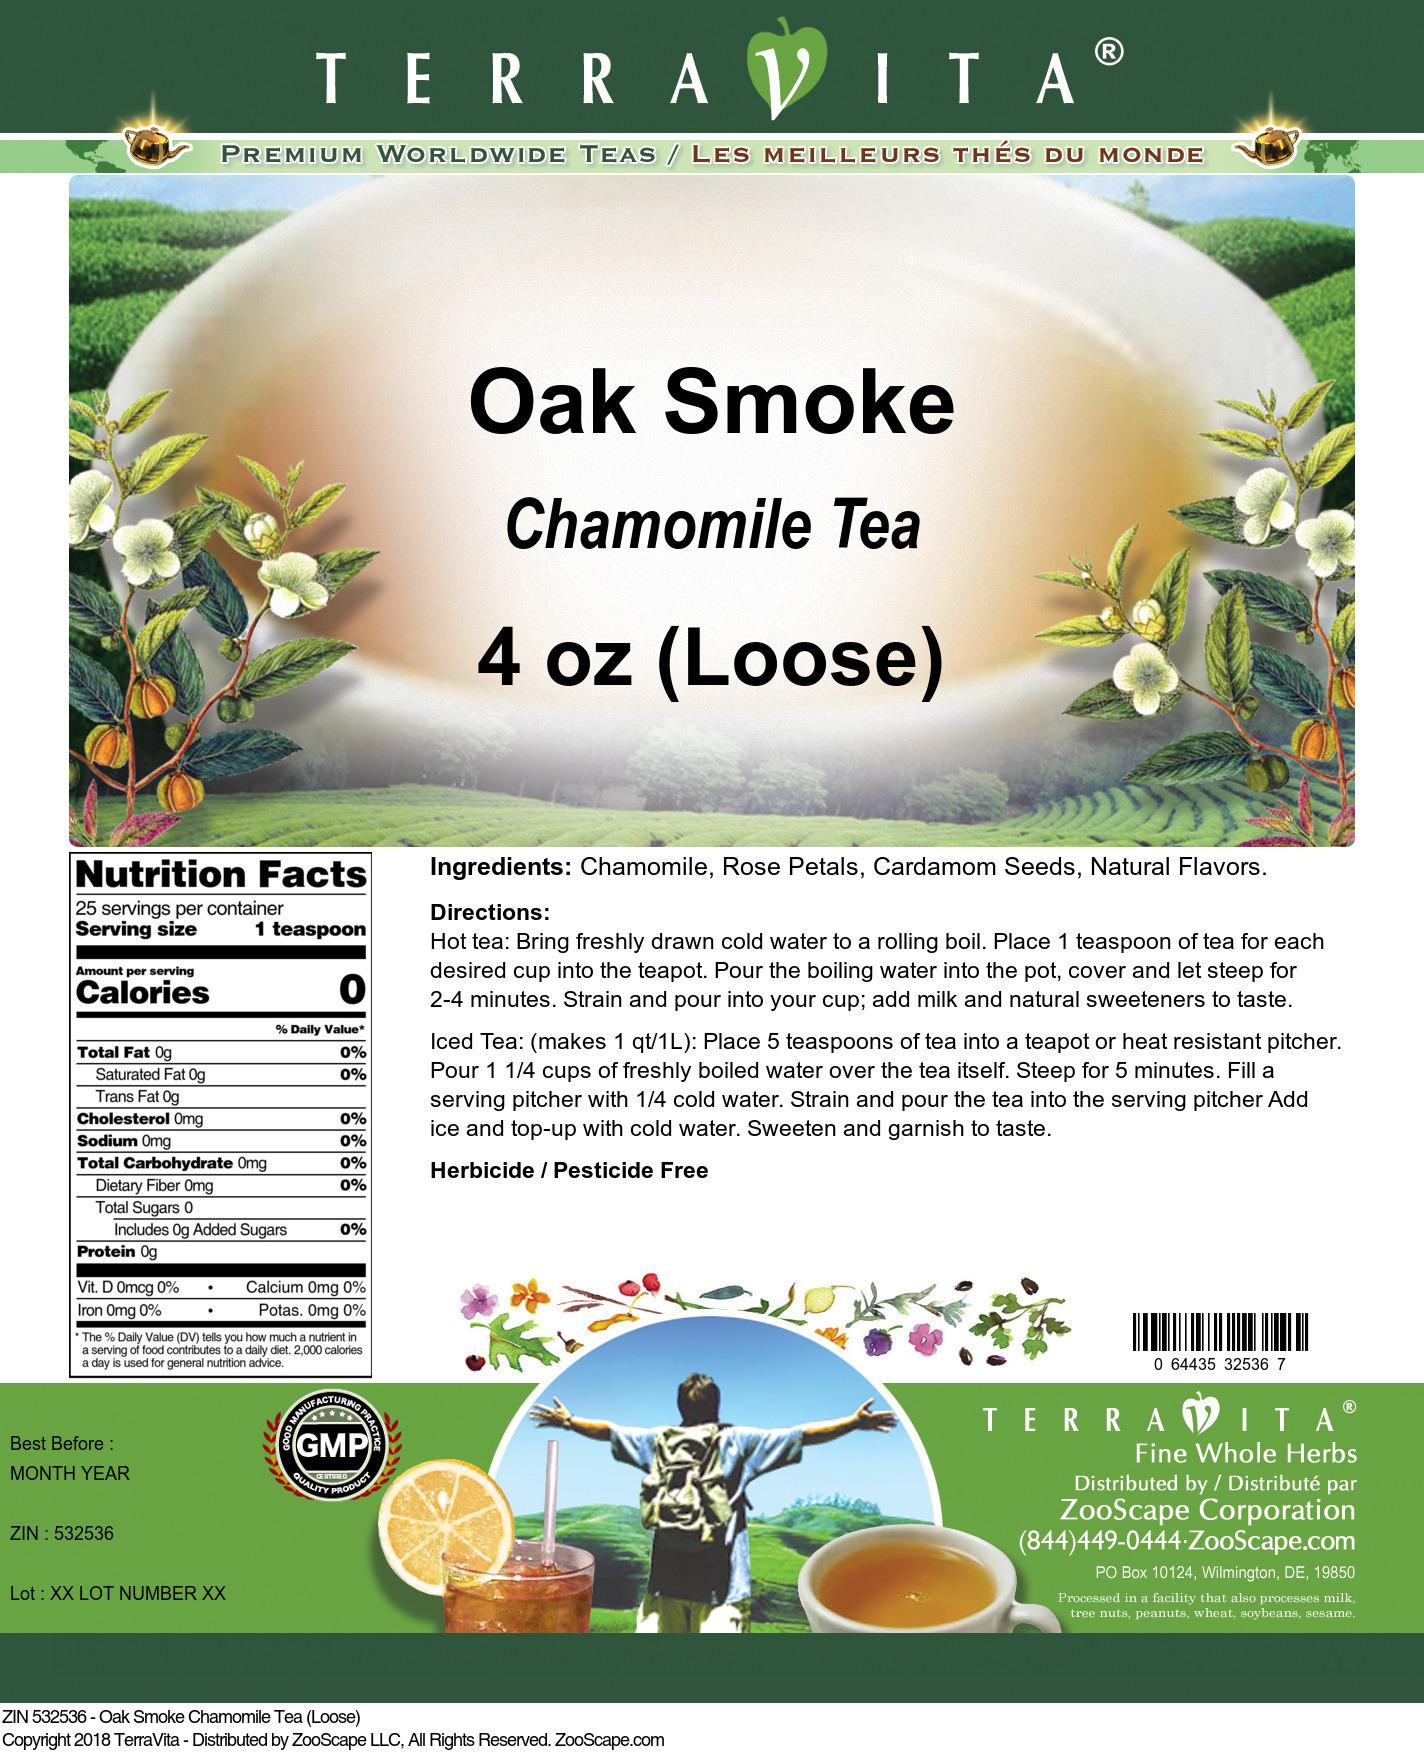 Oak Smoke Chamomile Tea (Loose)